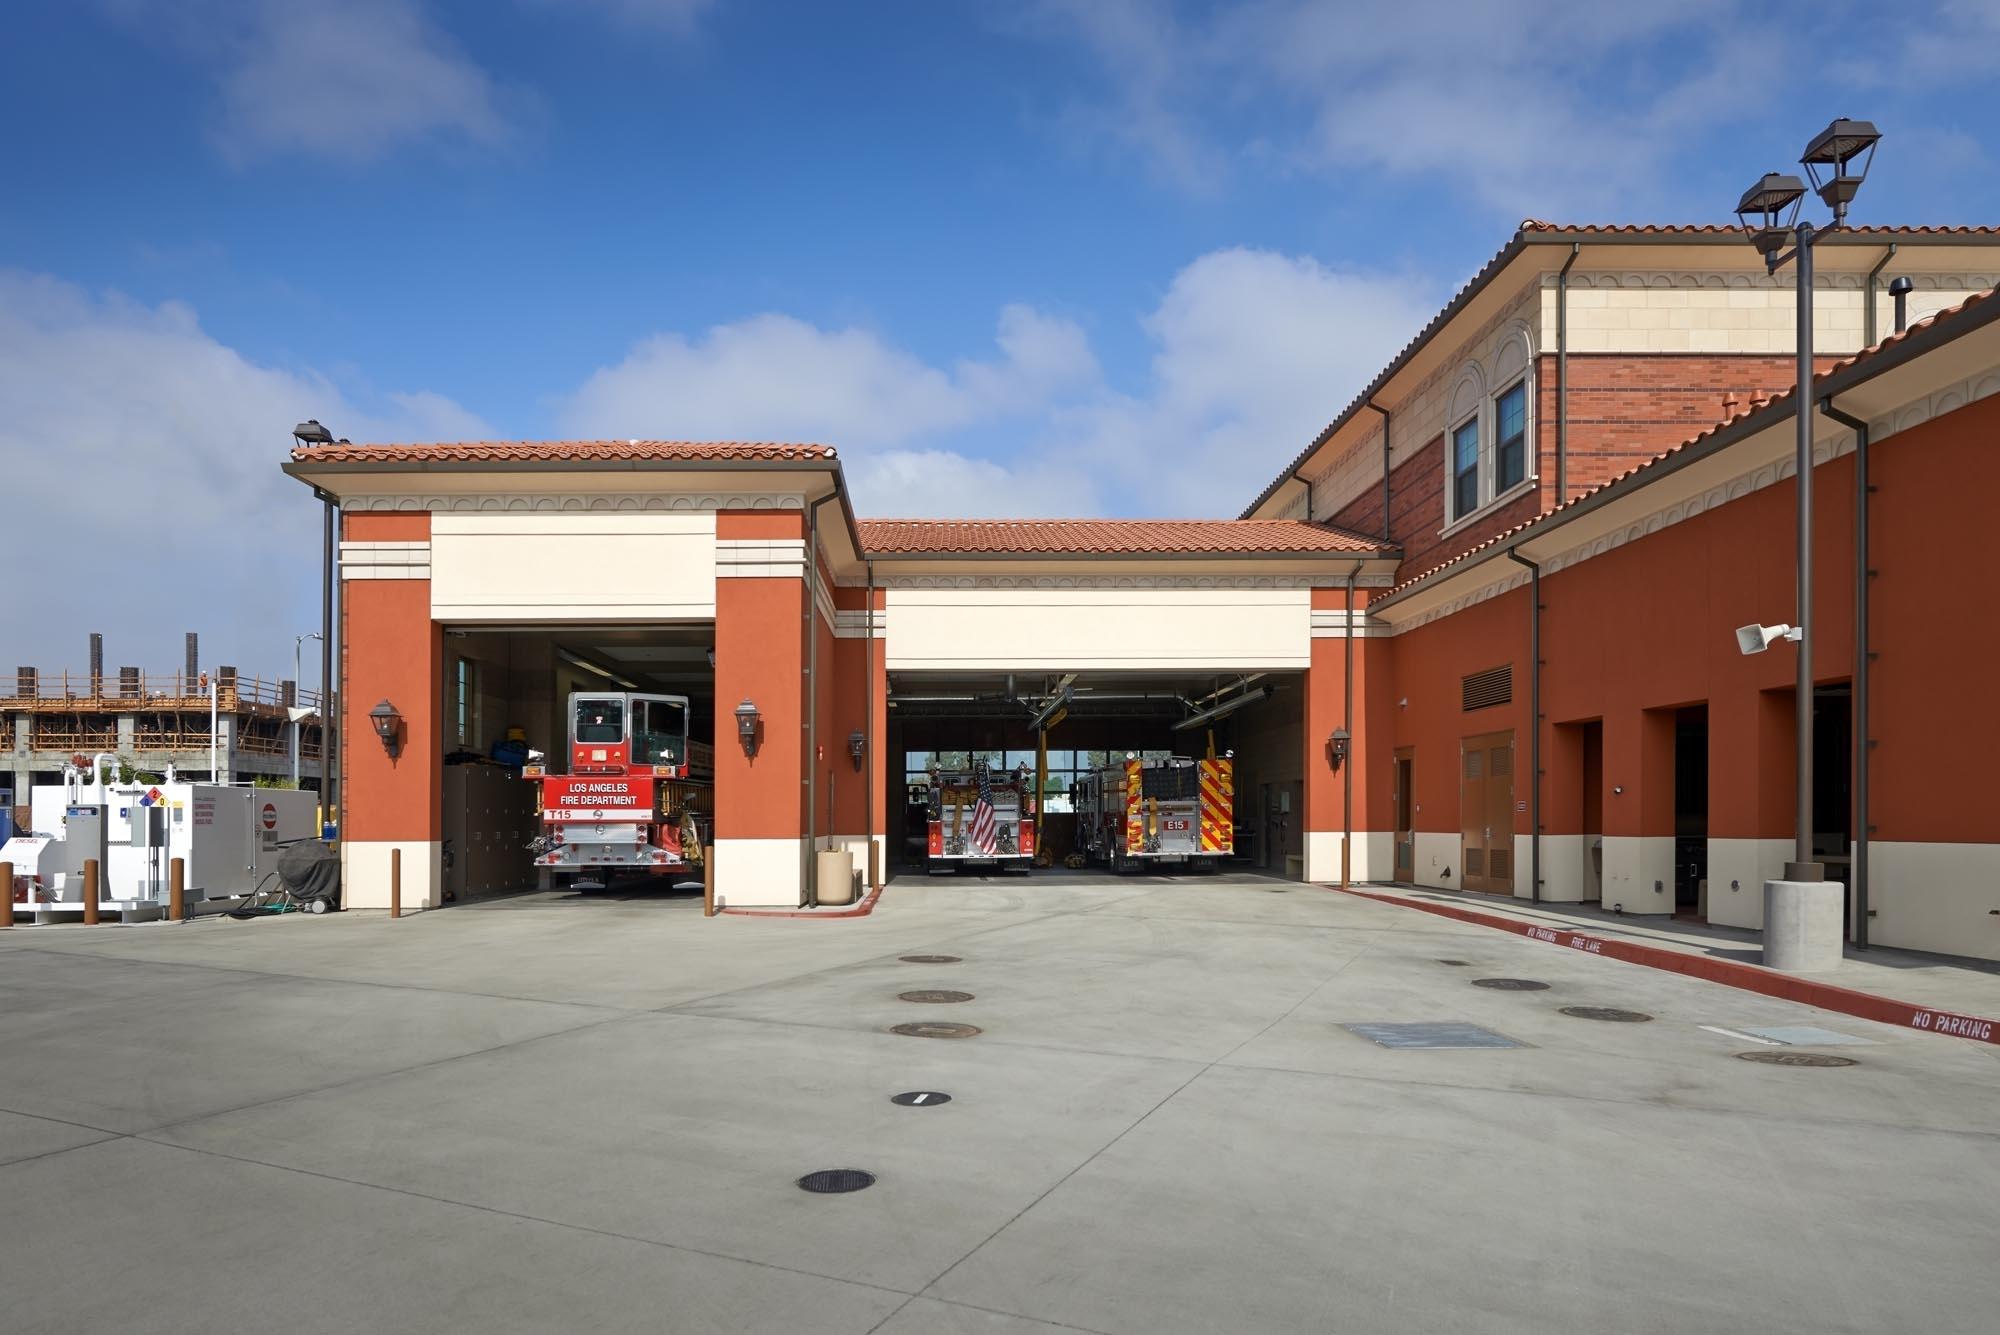 USC-Firestation-15-12.jpg